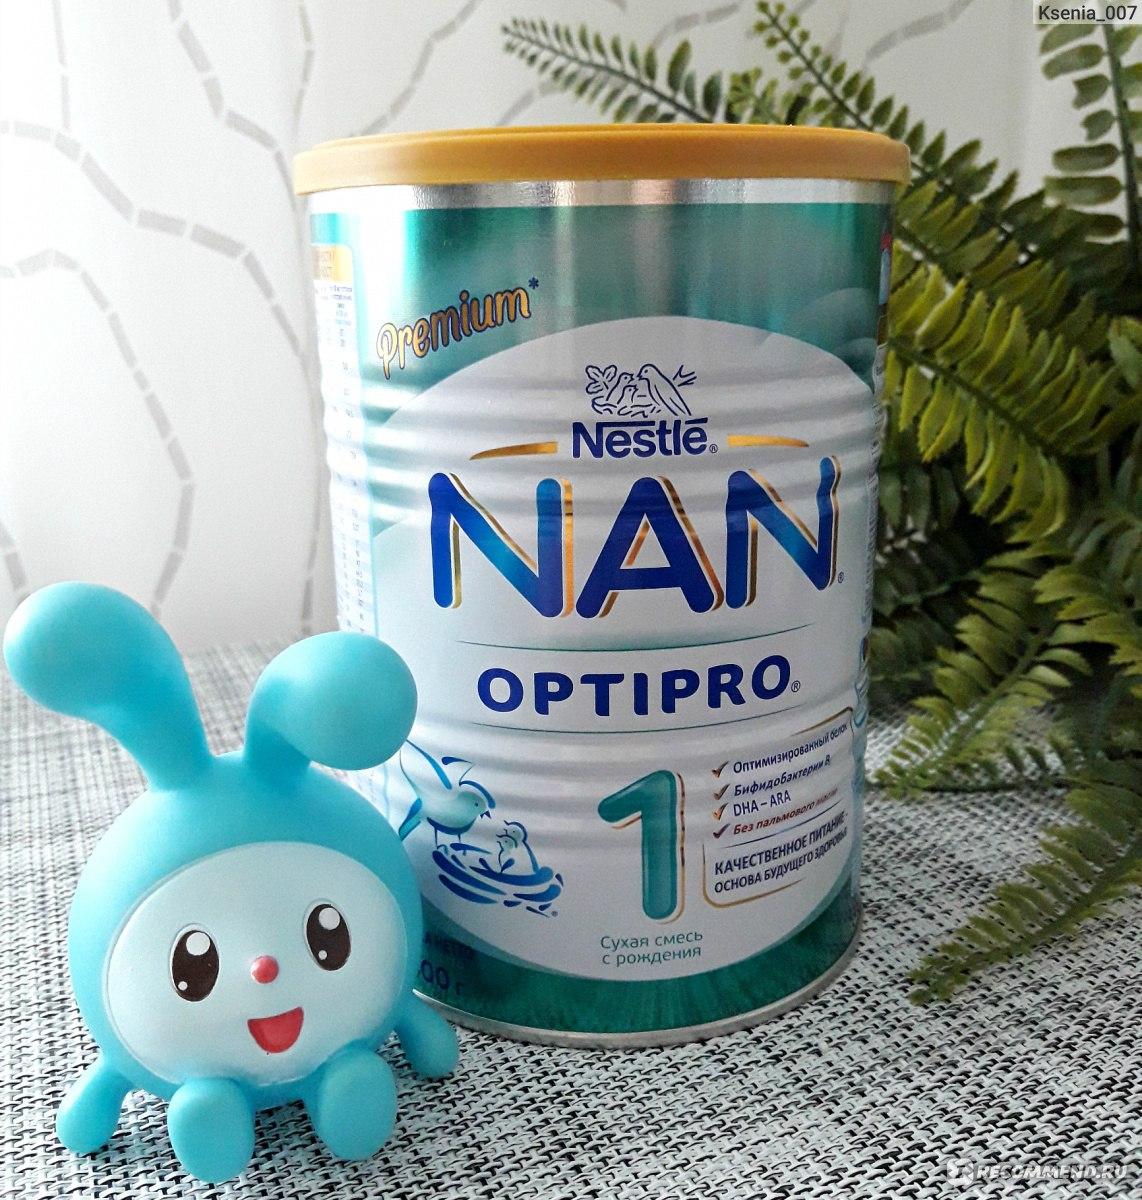 Детская сухая молочная смесь нан от 0 до 6 месяцев: отзывы специалистов, правила кормления и виды детских продуктов от нестле